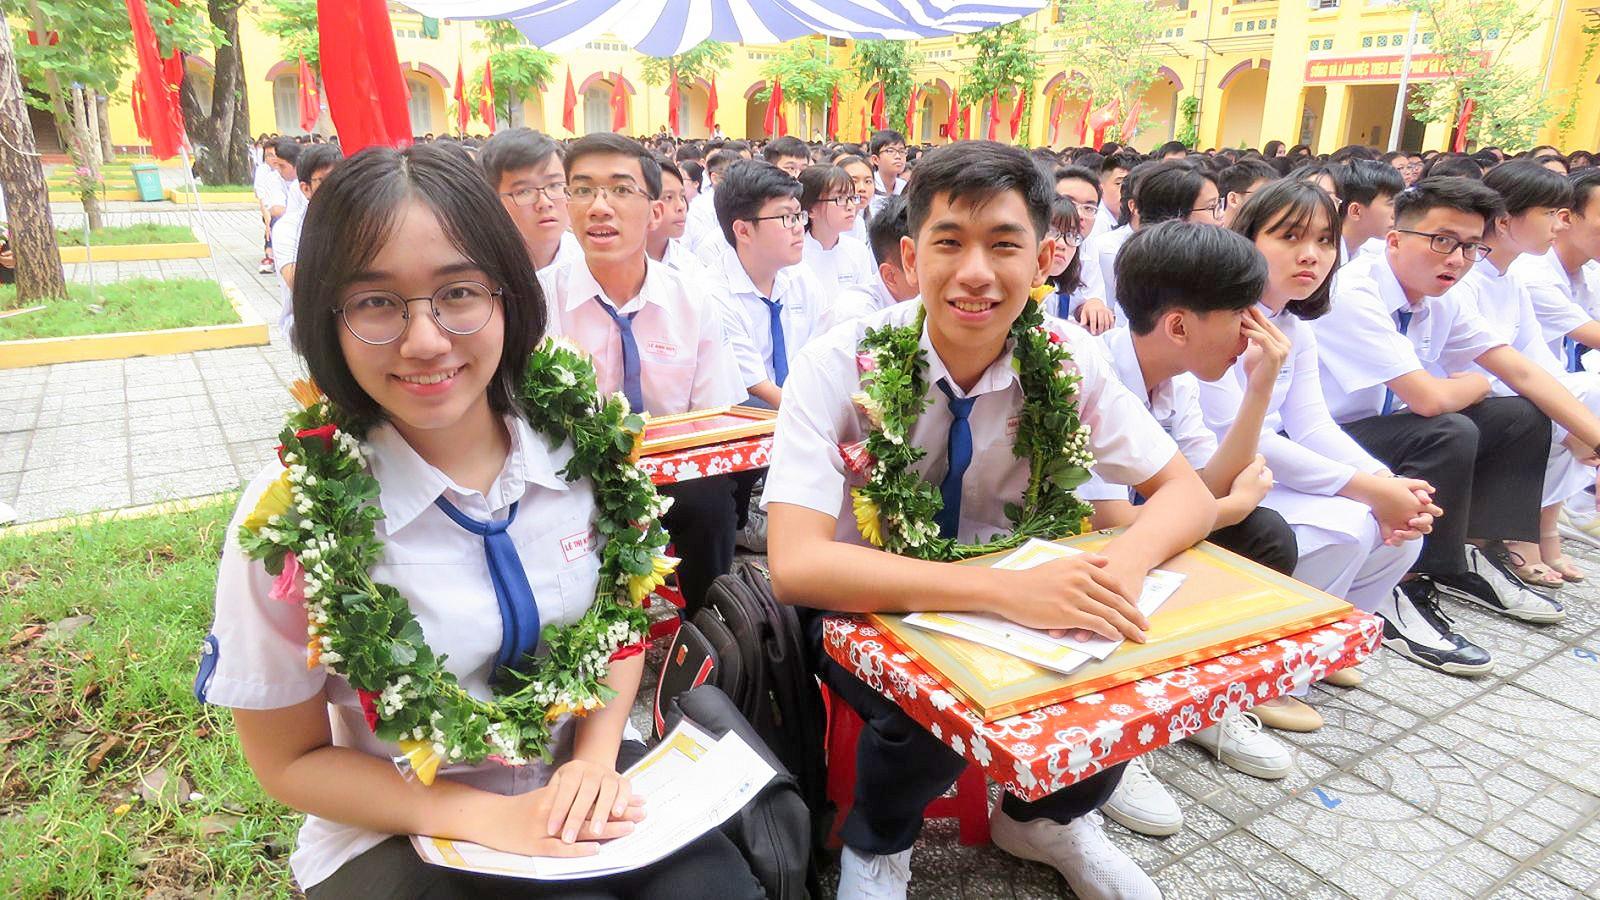 Trần Gia Bảo (bên phải, hàng đầu) trong dịp vinh danh đạt thành tích thủ khoa vào Đại học Cần Thơ tại lễ khai giảng năm học mới Trường THPT Châu Văn Liêm.